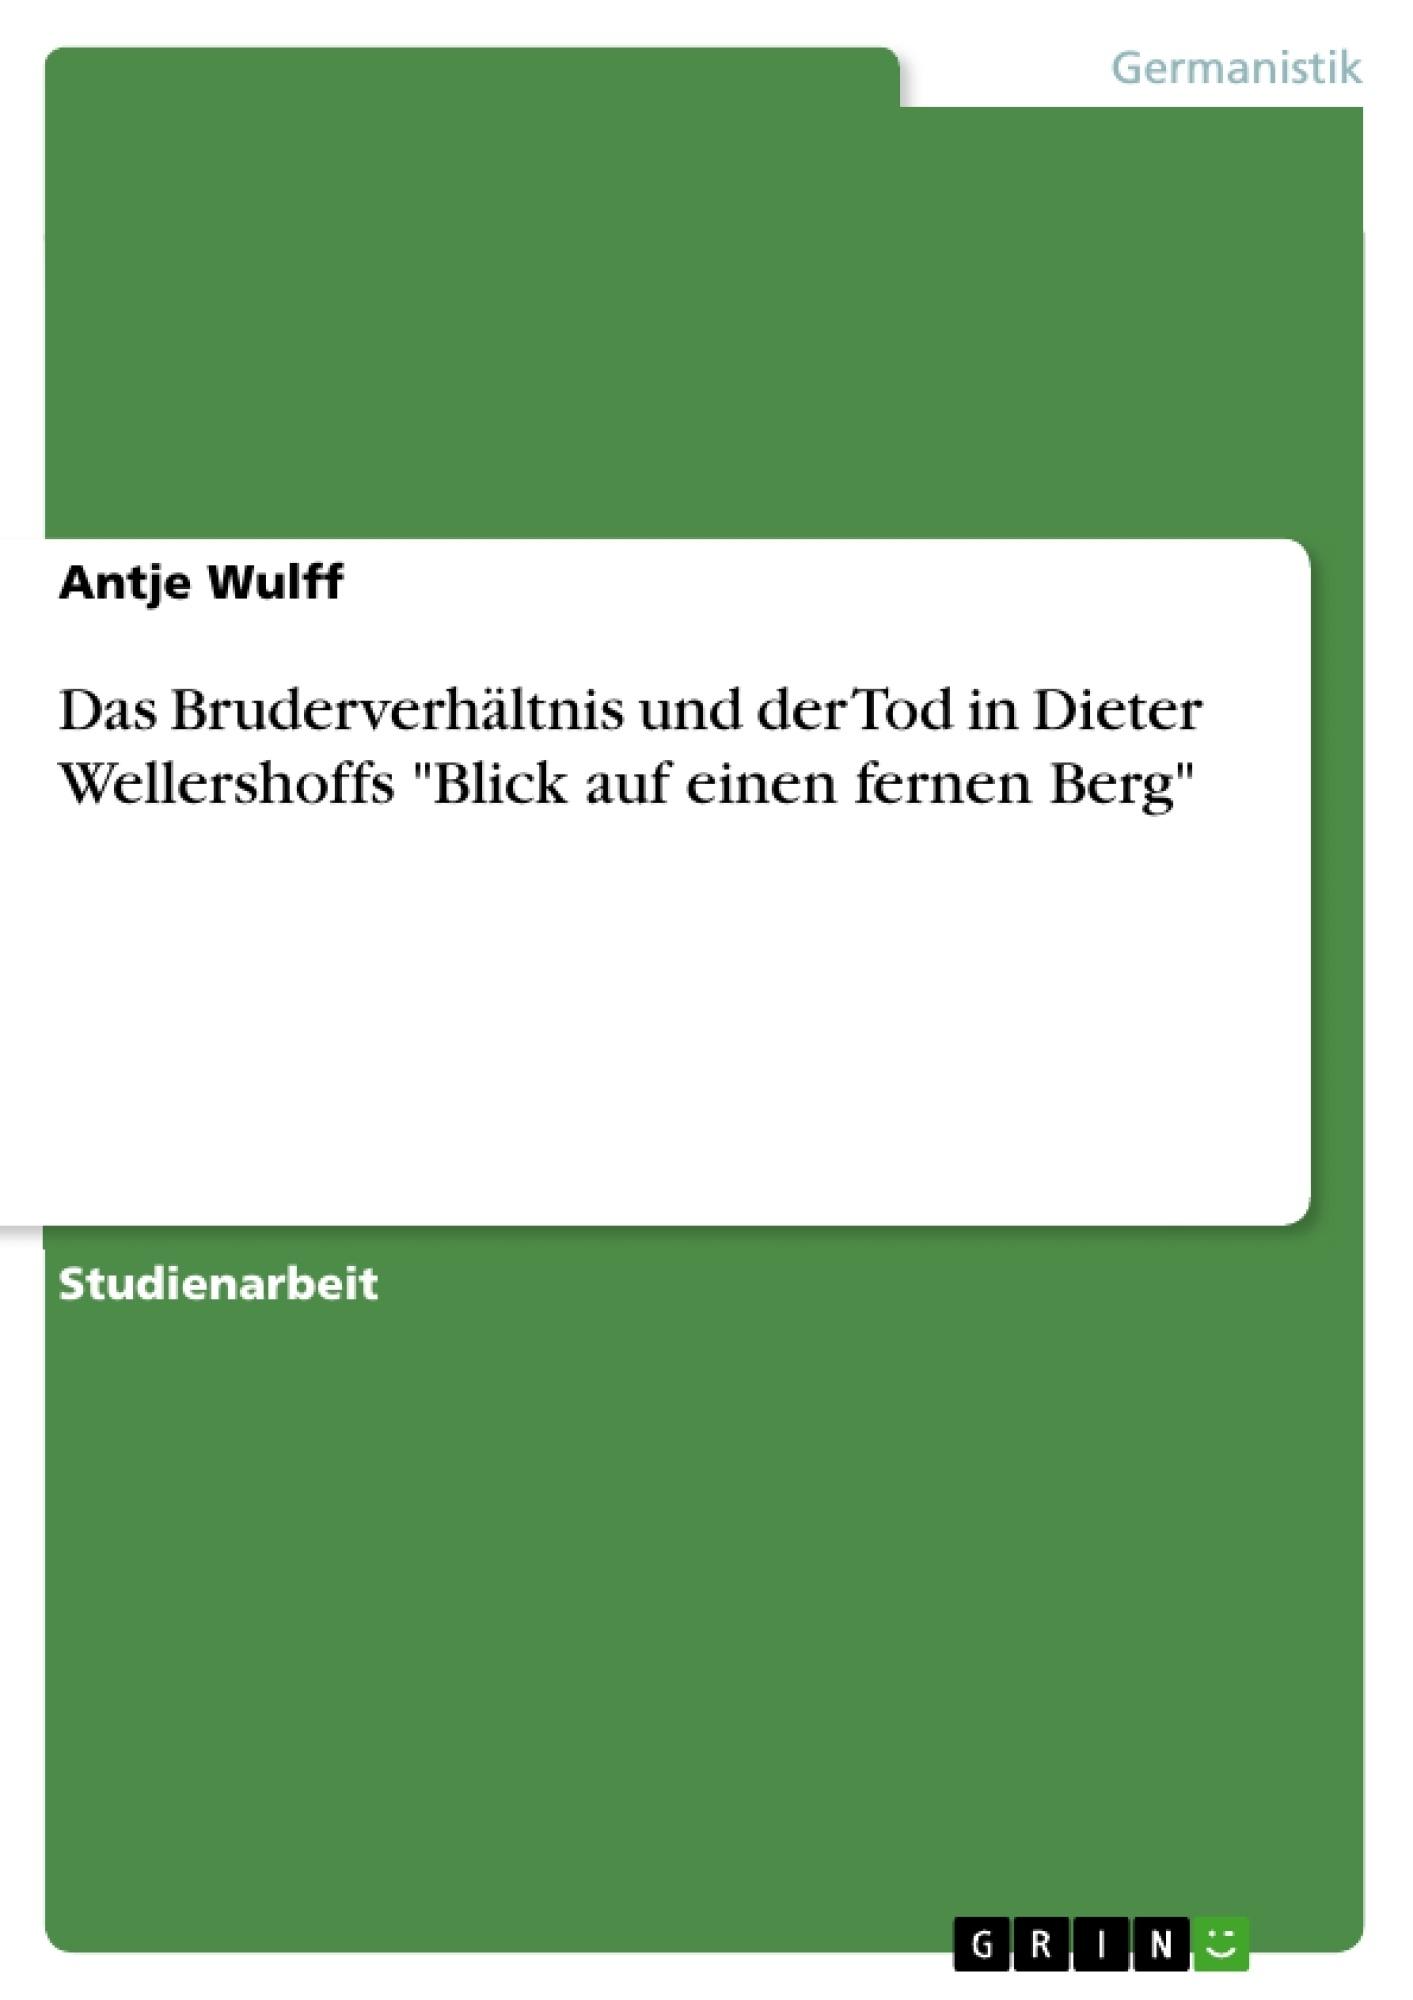 """Titel: Das Bruderverhältnis und der Tod in Dieter Wellershoffs """"Blick auf einen fernen Berg"""""""